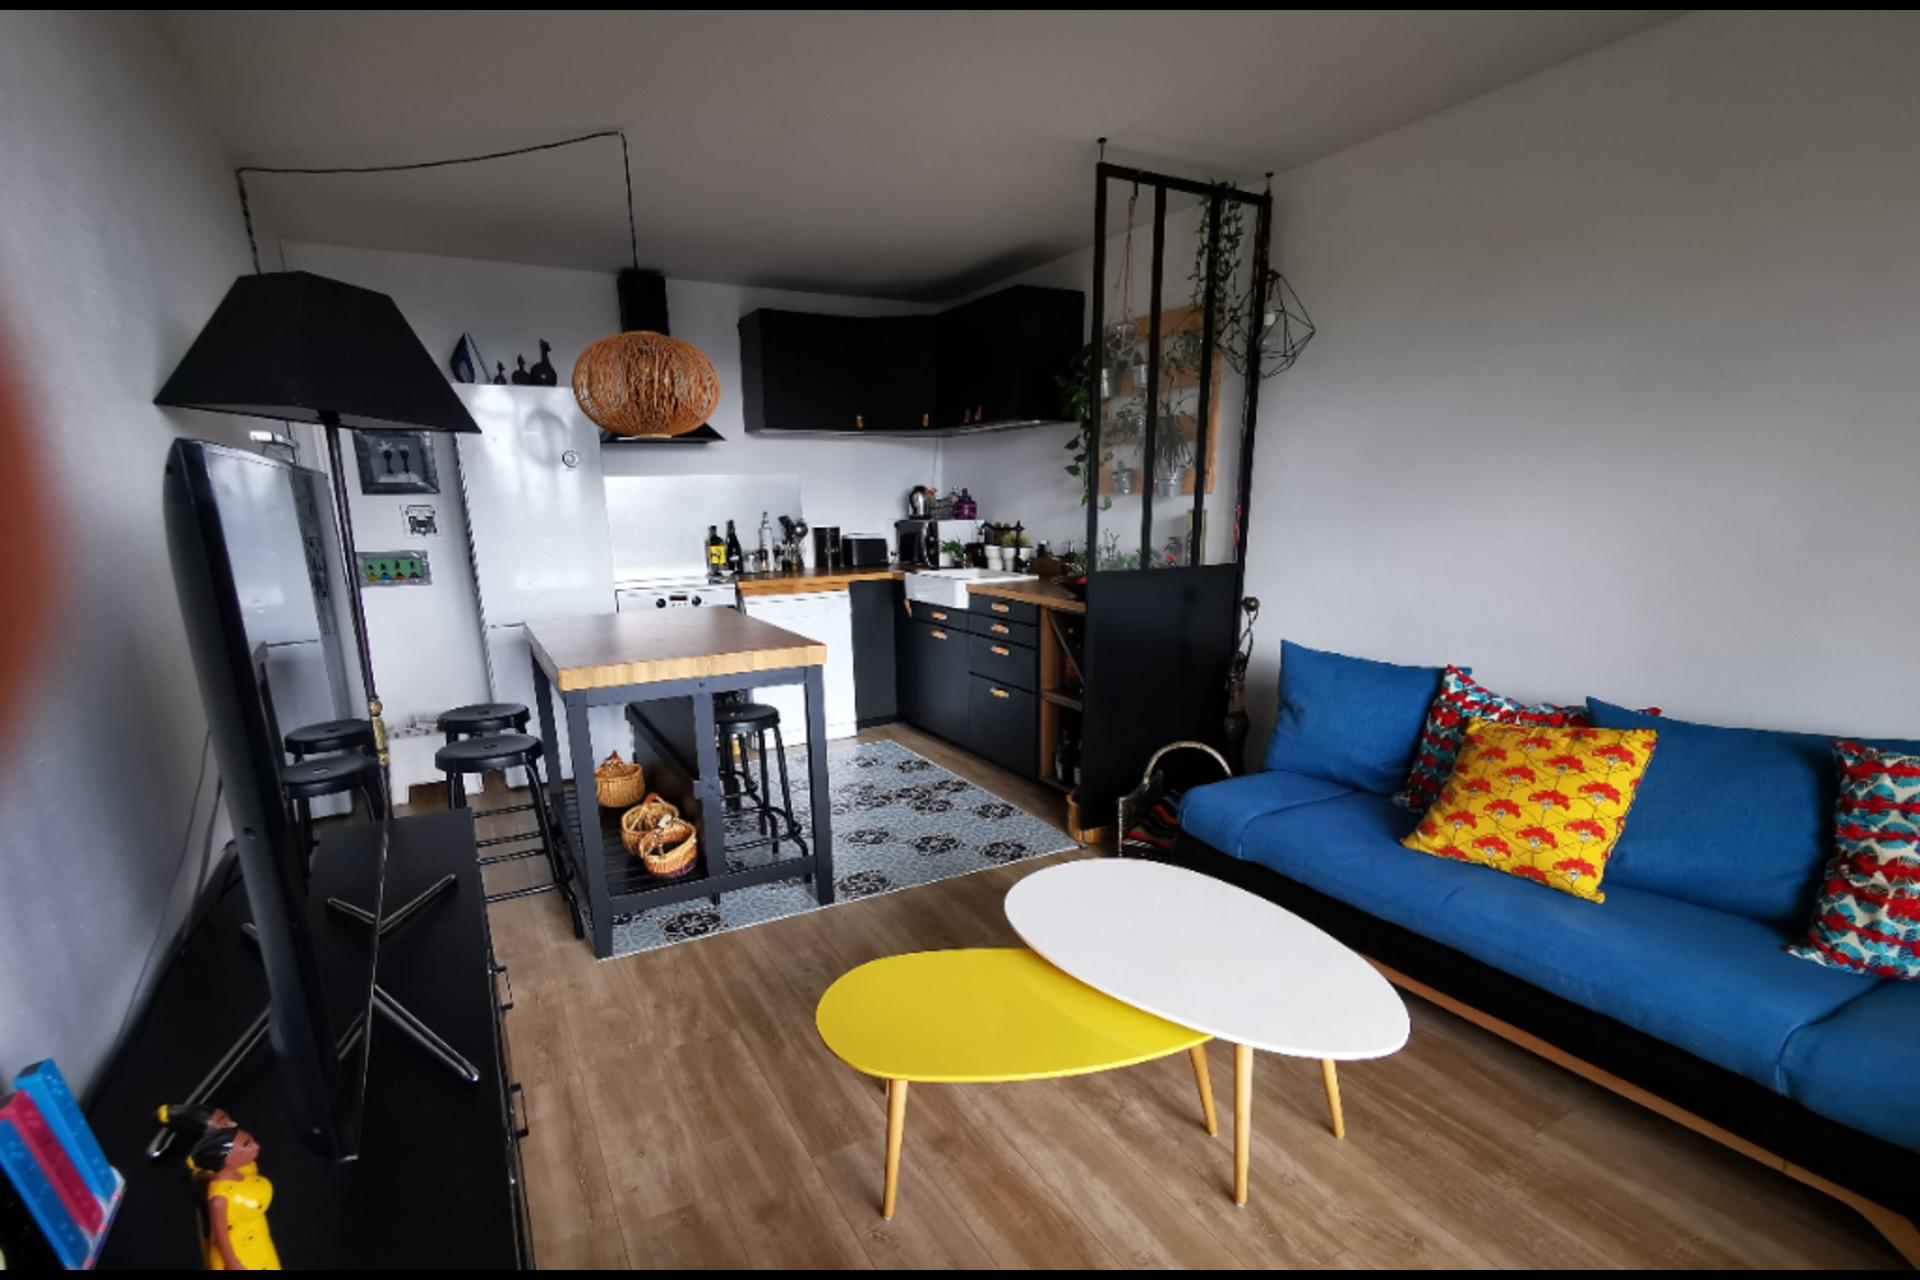 image 2 - Apartment For sale saint-germain-en-laye - 4 rooms